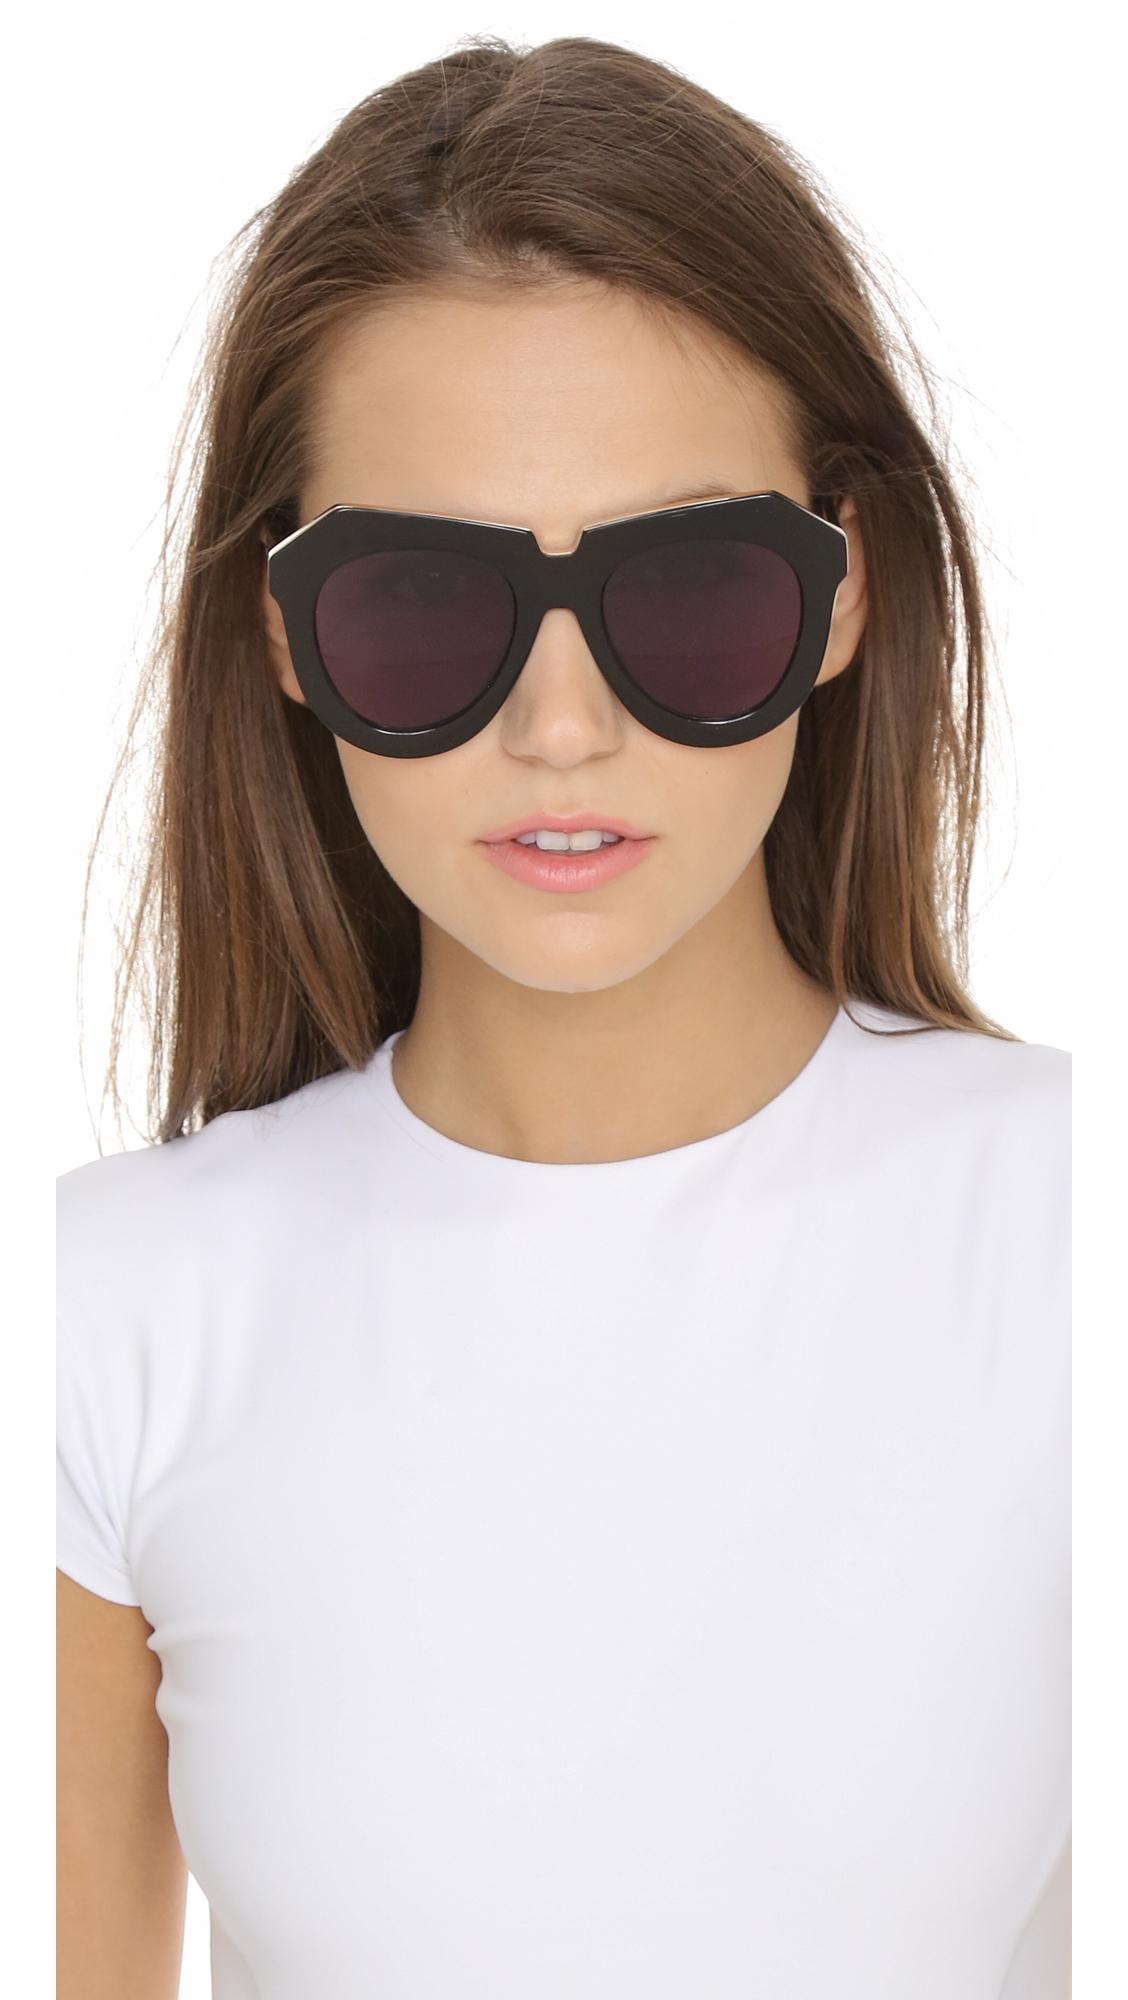 64a8dc0b3571 Karen Walker One Meadow Sunglasses